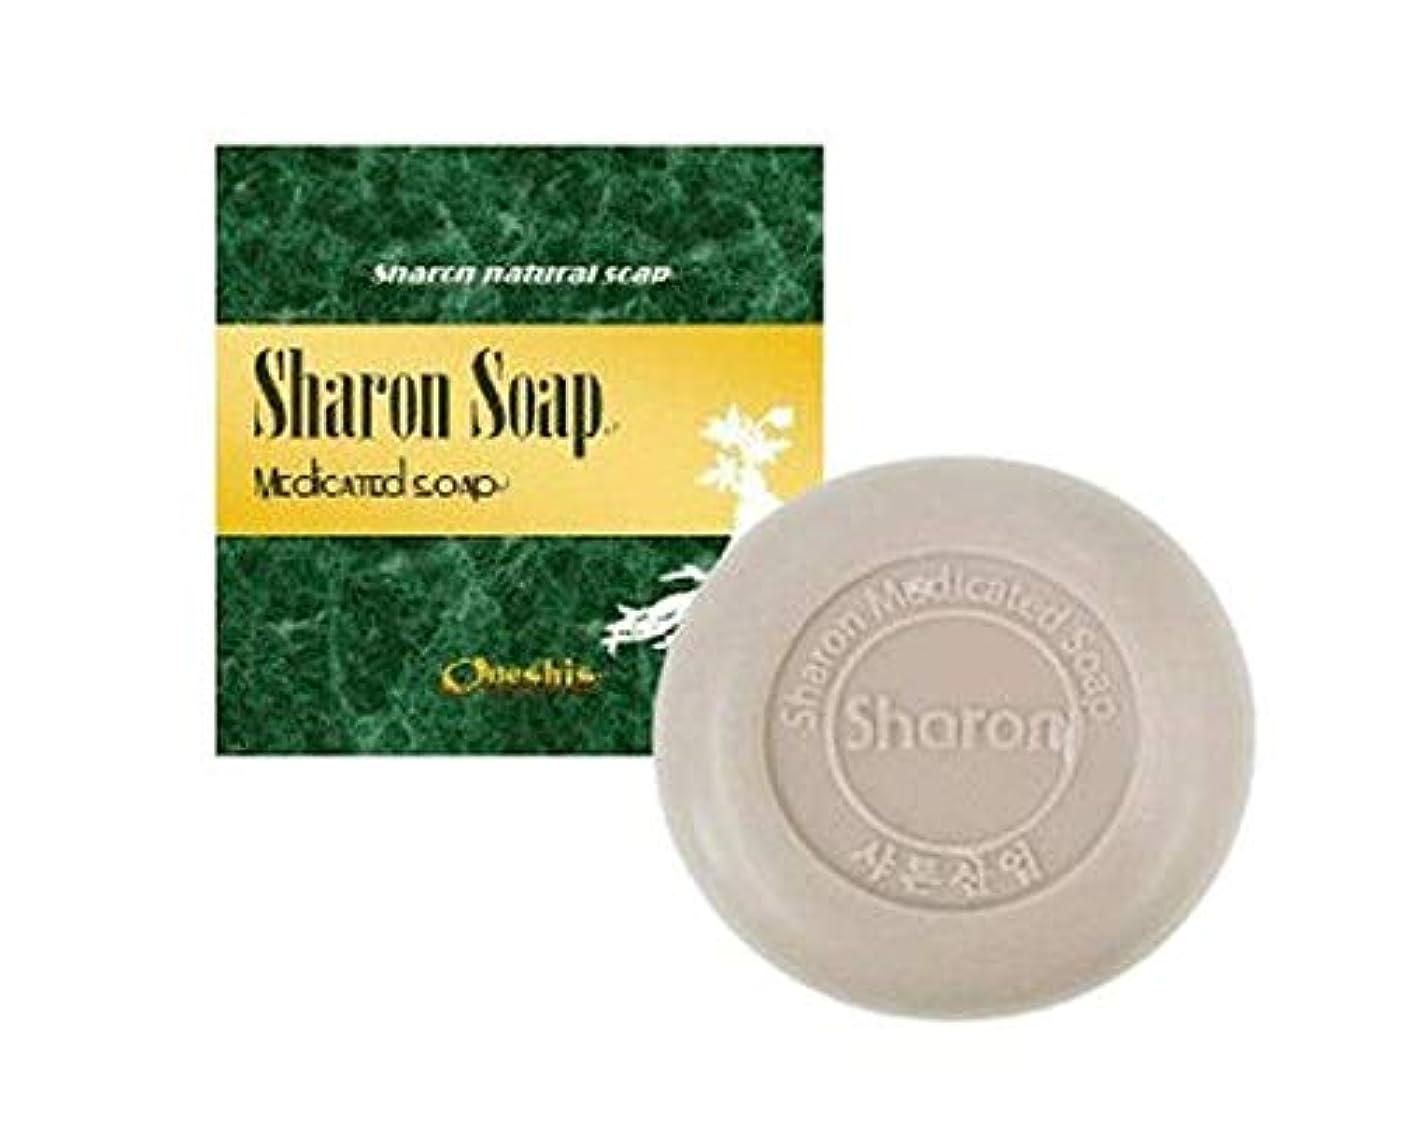 敷居華氏倫理的Sharon Soap シャロンナチュラルソープ 天然由来植物成分 美肌石鹸